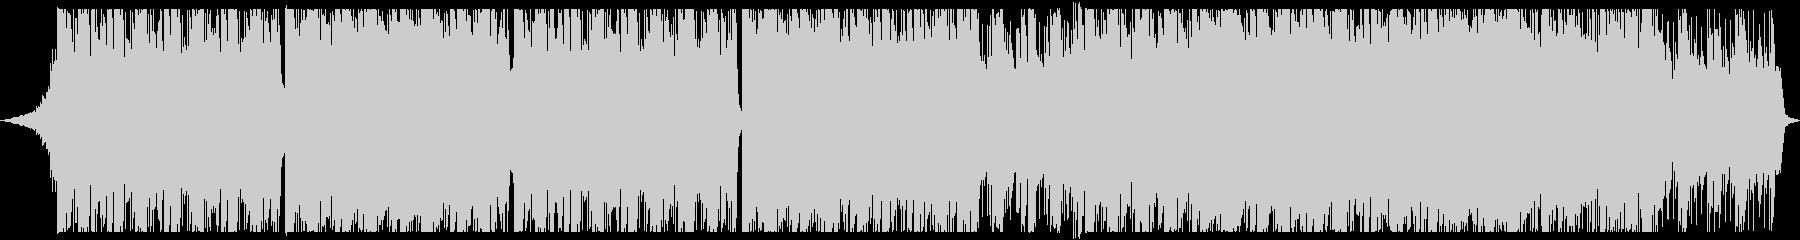 トラップ ヒップホップ スタイリッ...の未再生の波形